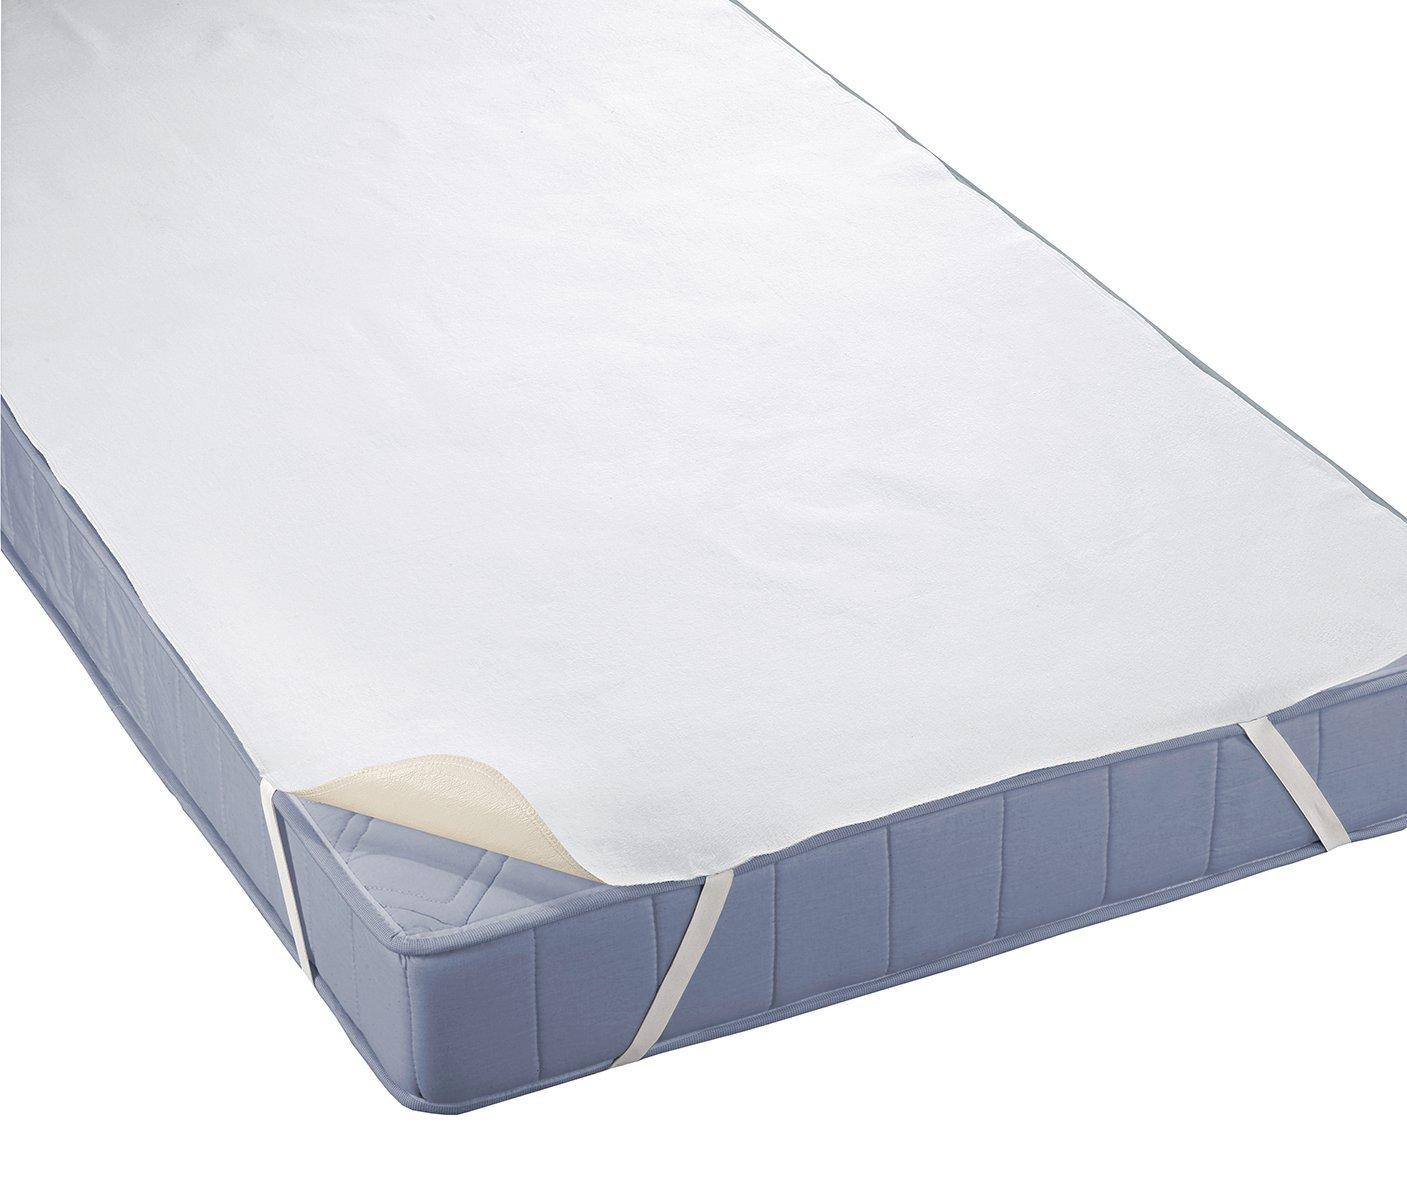 Biberna 809720-001-140 Molton - Protector de Colchón Impermeable (triple capa, SilverCare), 70 x 140 cm, Color Blanco: Amazon.es: Hogar